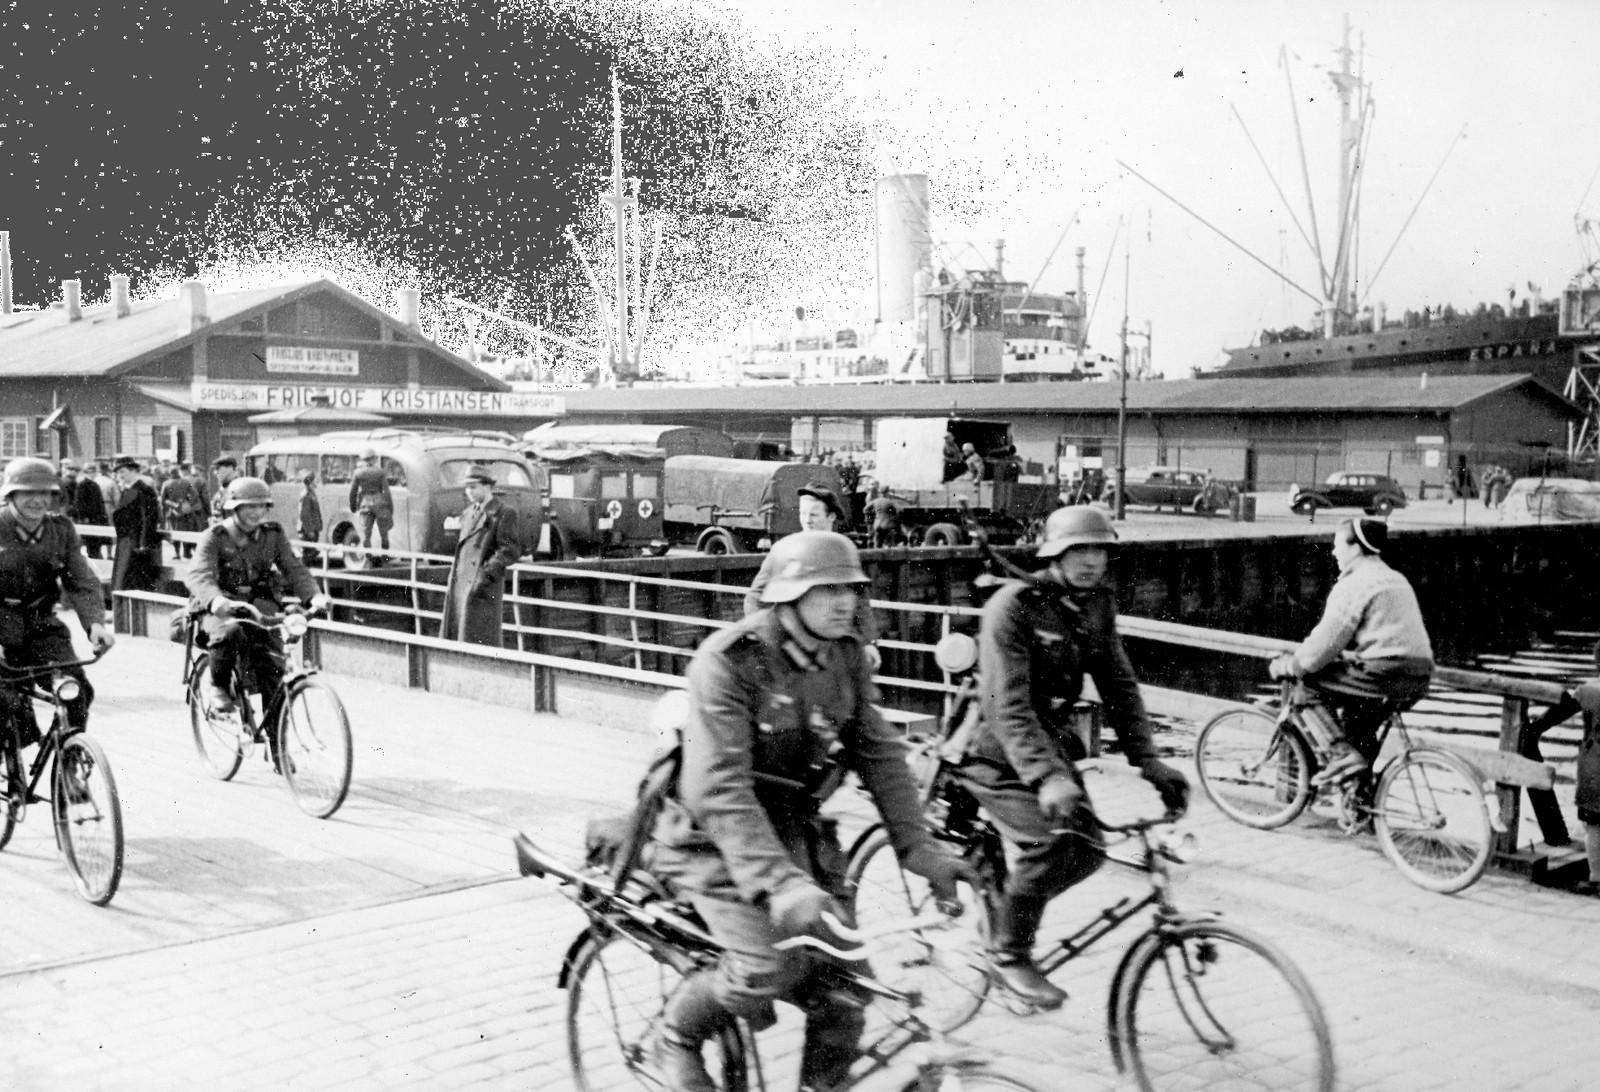 Tysk sykkelbataljon på bryggen i Oslo etter den tyske invasjonen 9. april 1940.